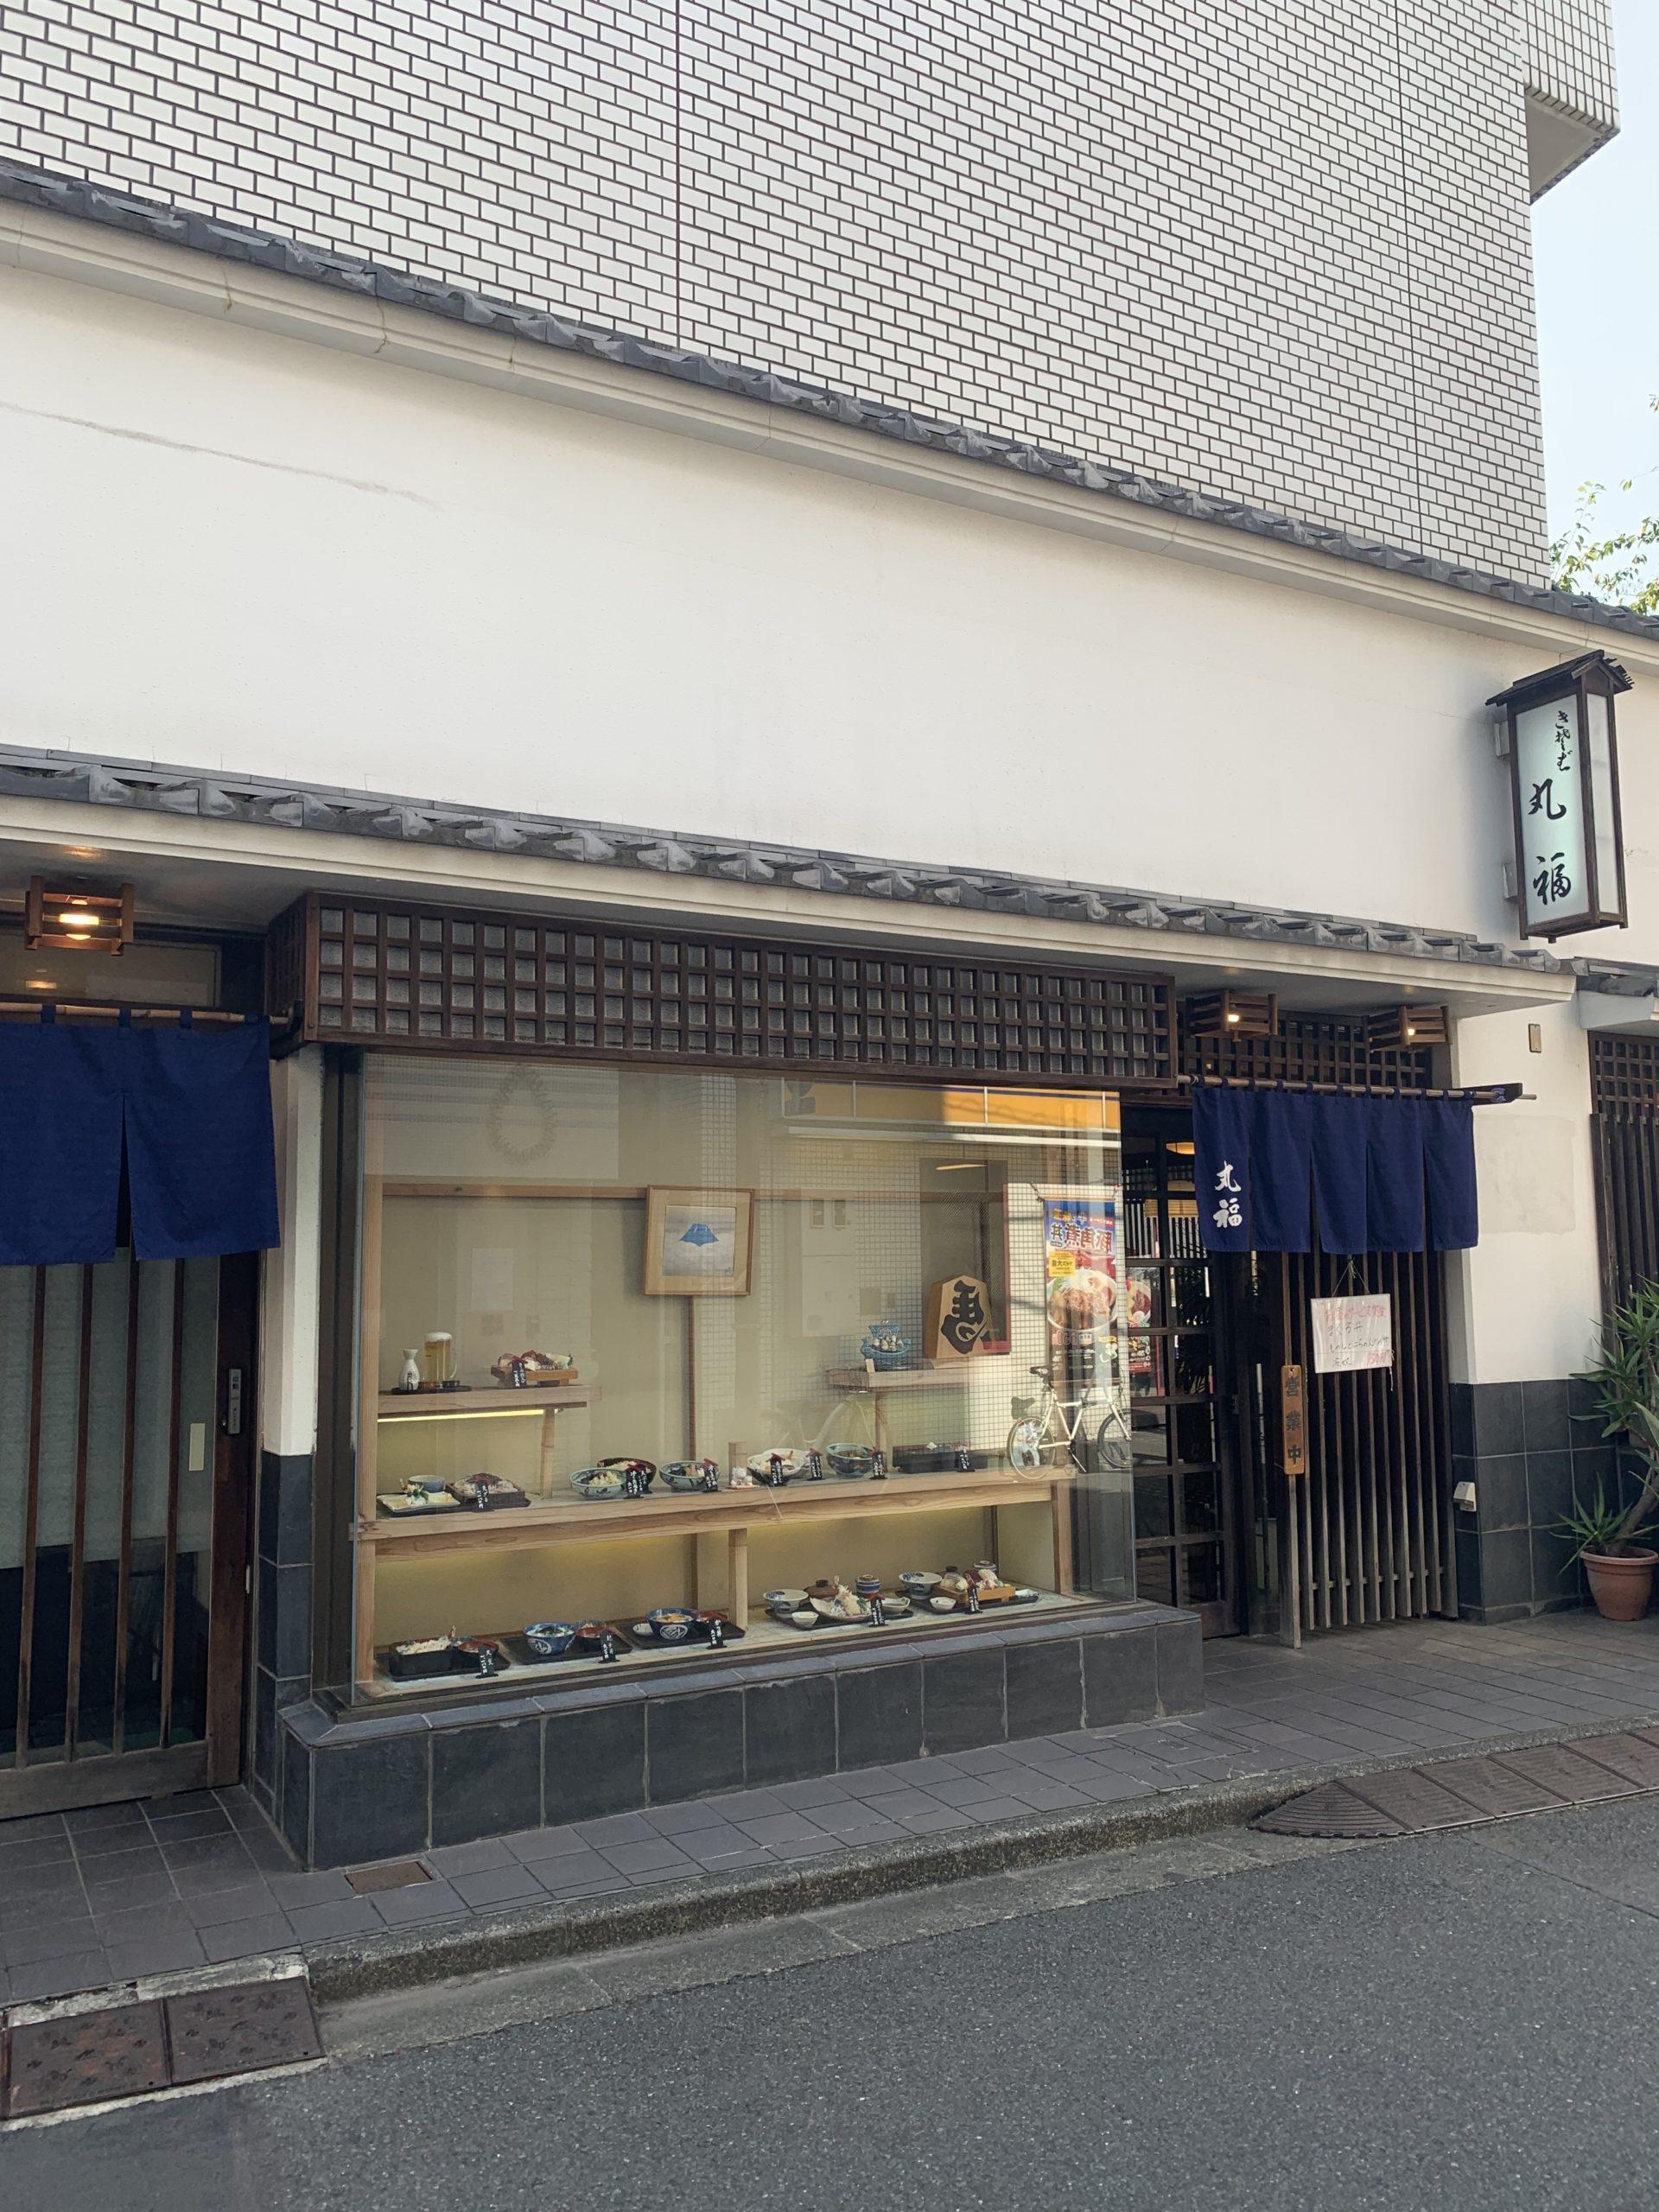 【五反田】丸福/不動前駅から商店街を抜けた角地。老舗風の立派な佇まいで客を惹きつける蕎麦屋。